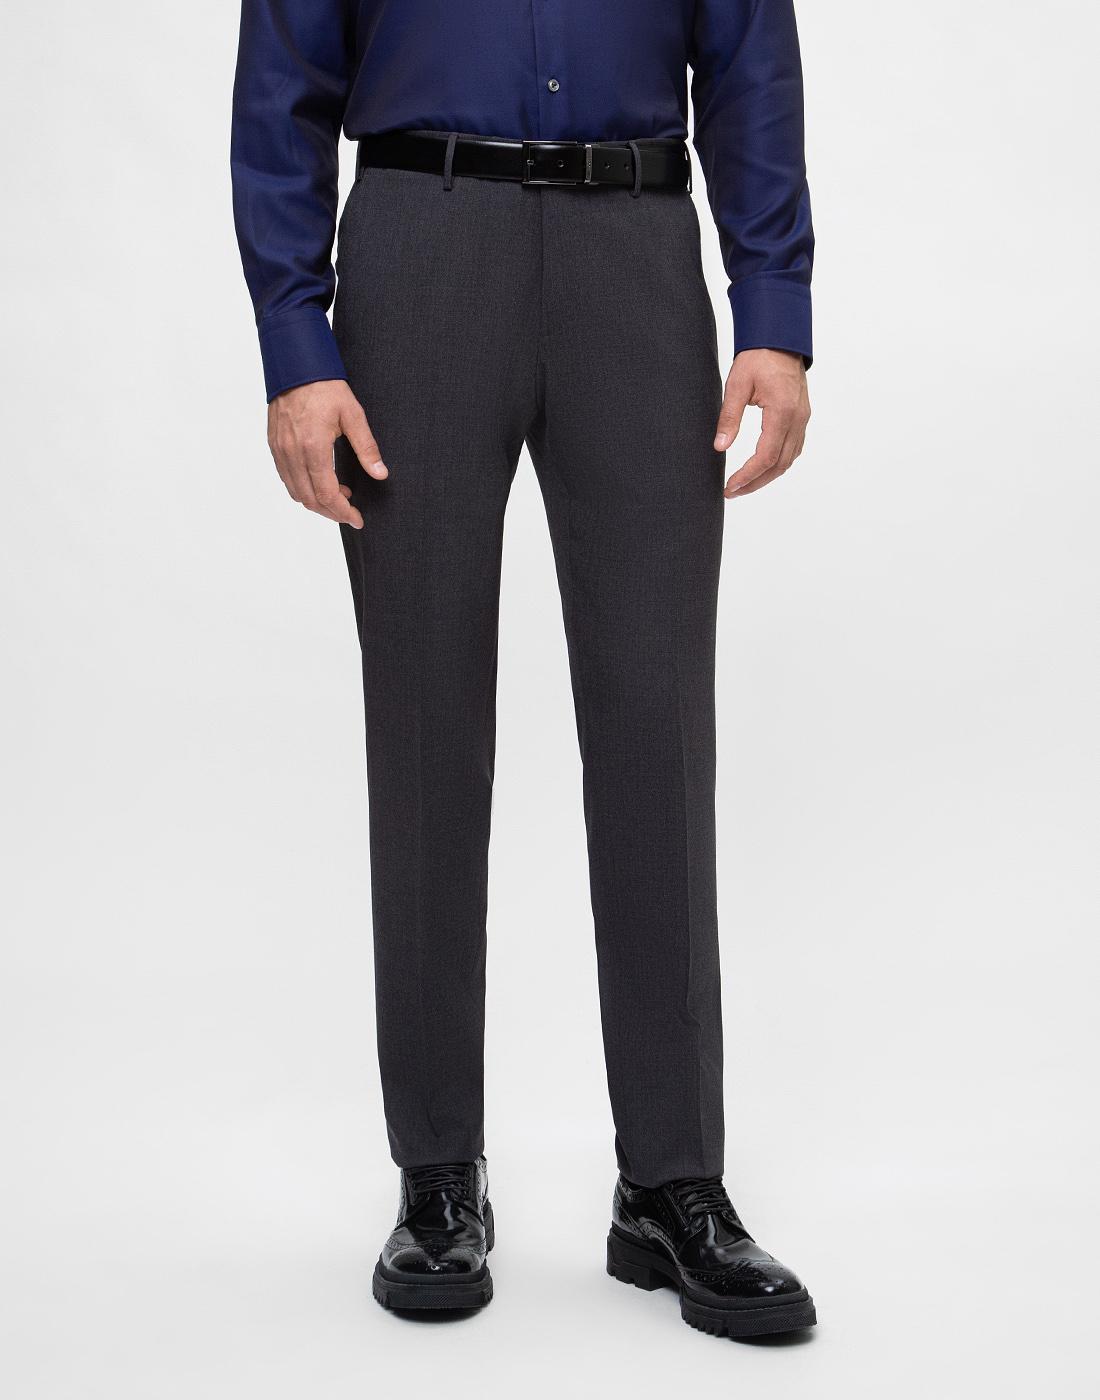 Мужские серые шерстяные брюки PT STO28 0240-2